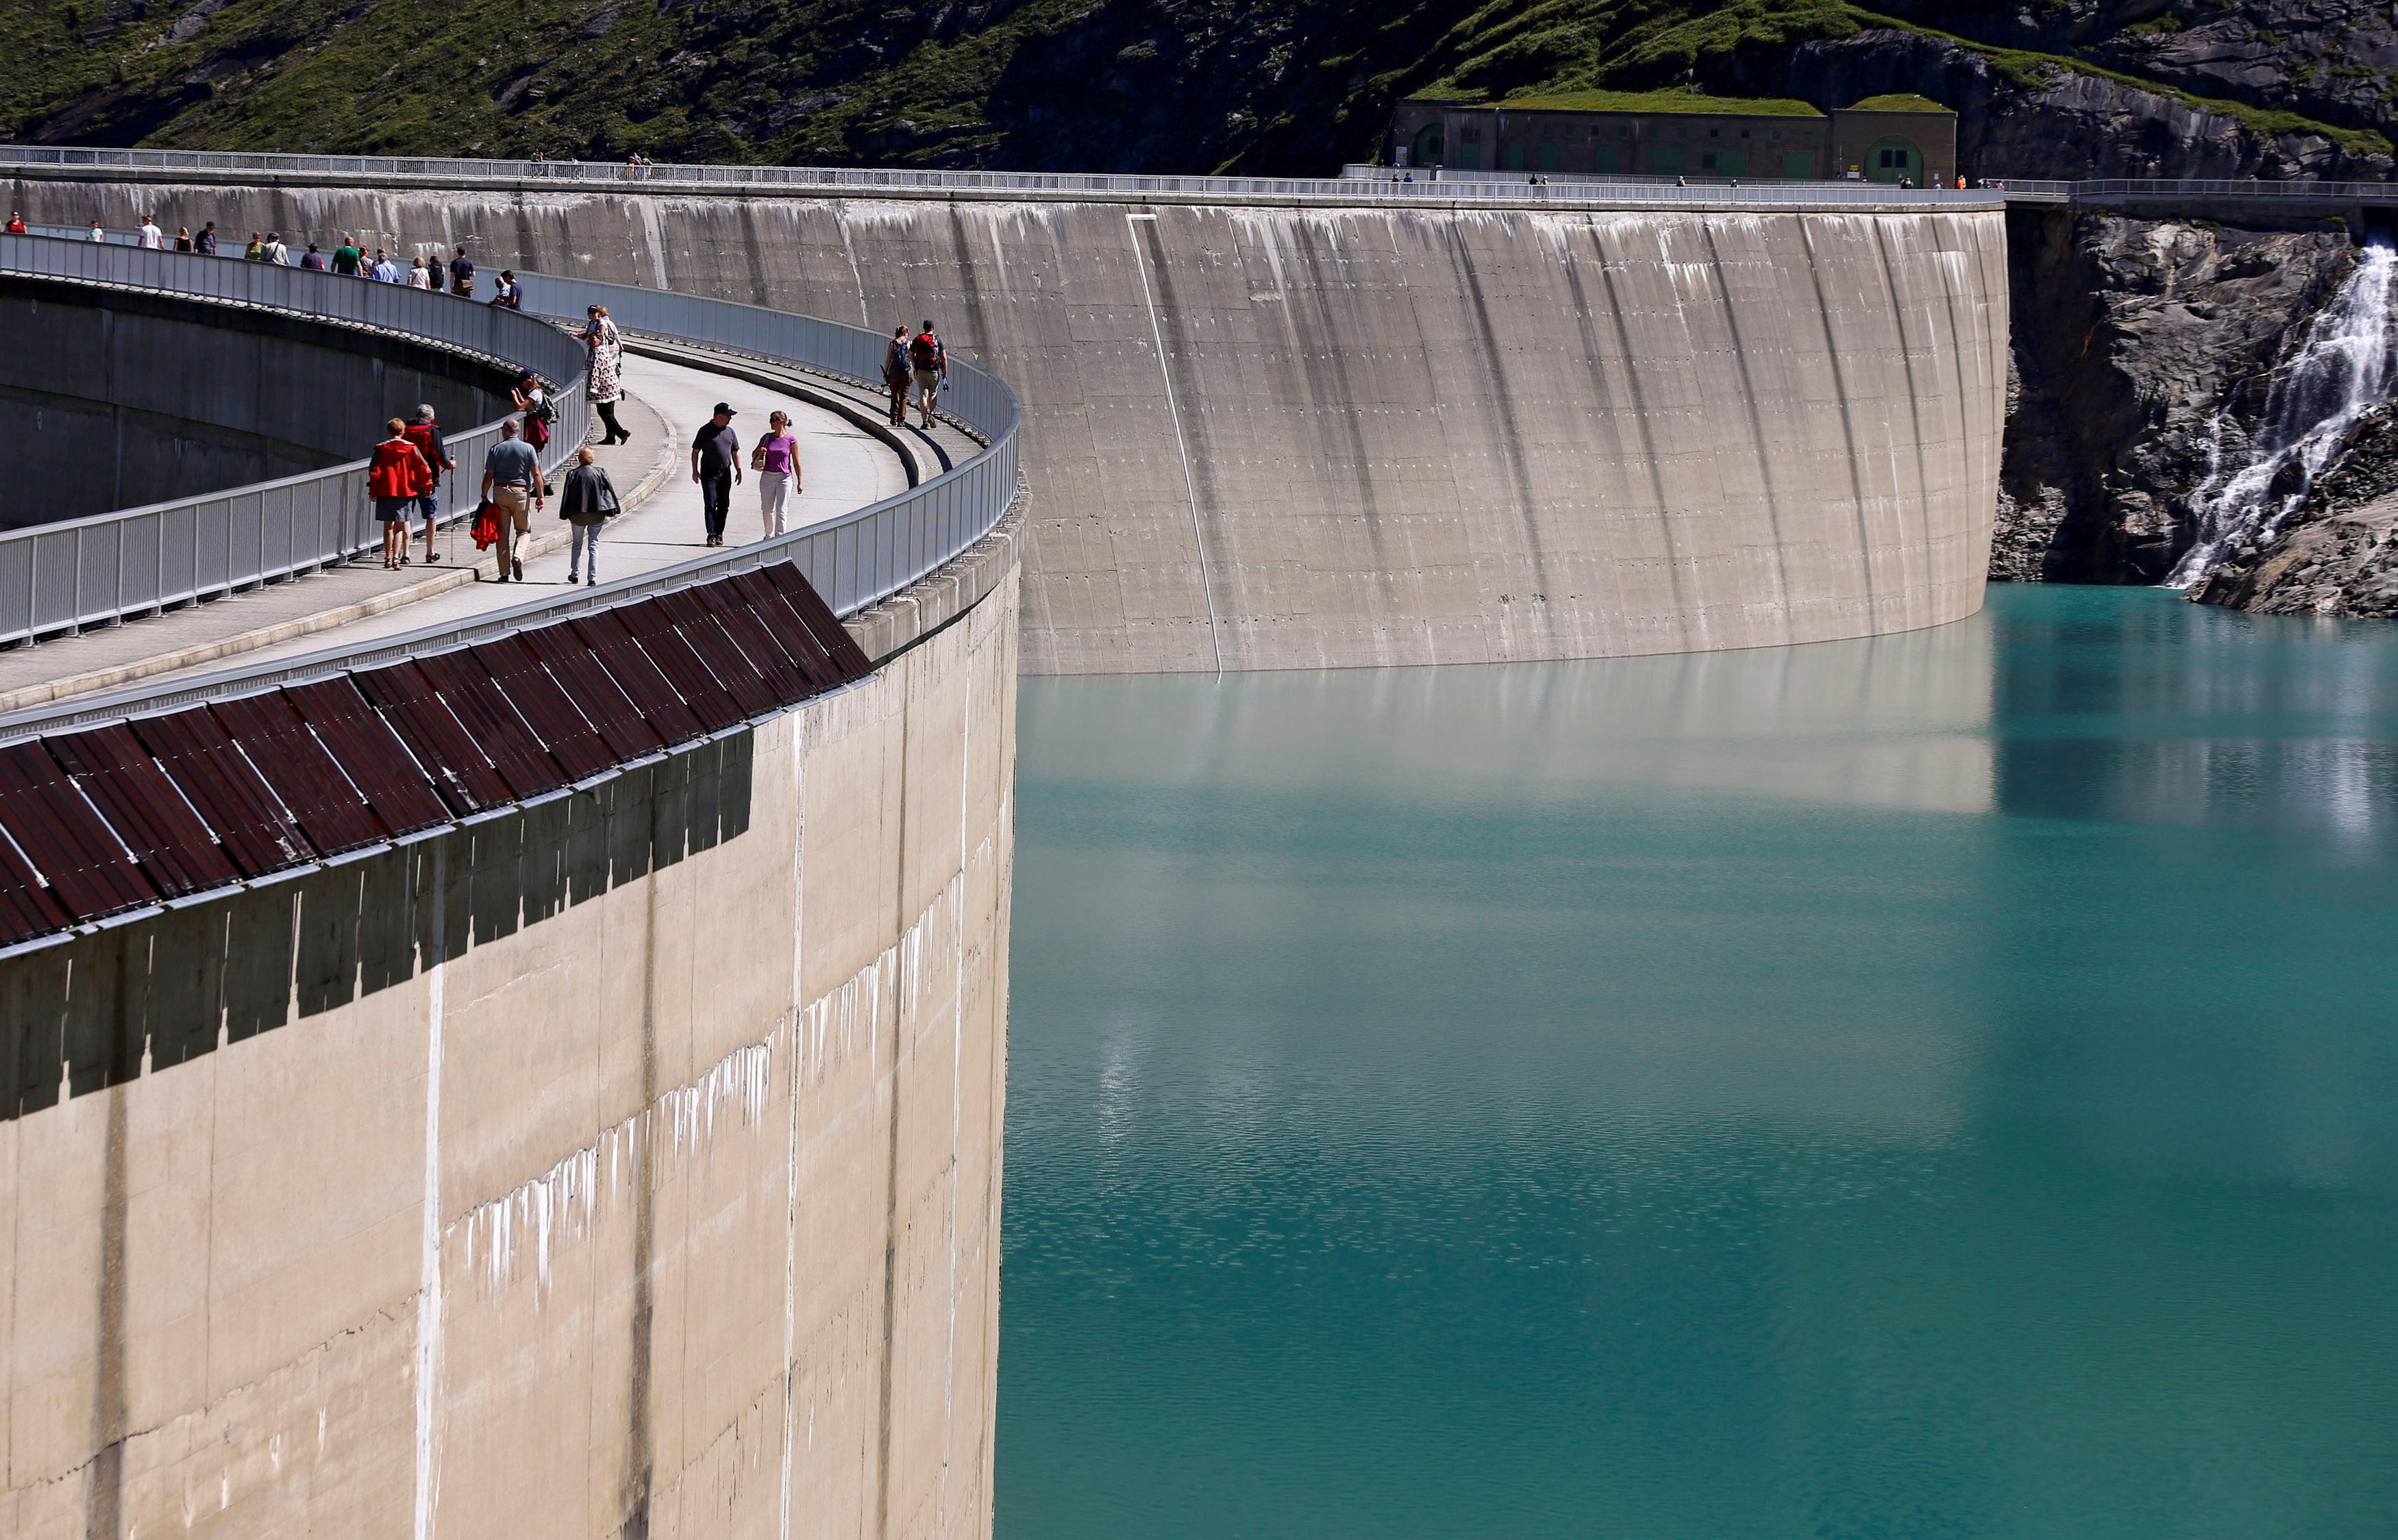 The Mooserboden water reservoir of Austrian hydropower producer Verbund is seen near Kaprun, Austria, August 31, 2016. REUTERS/Leonhard Foeger